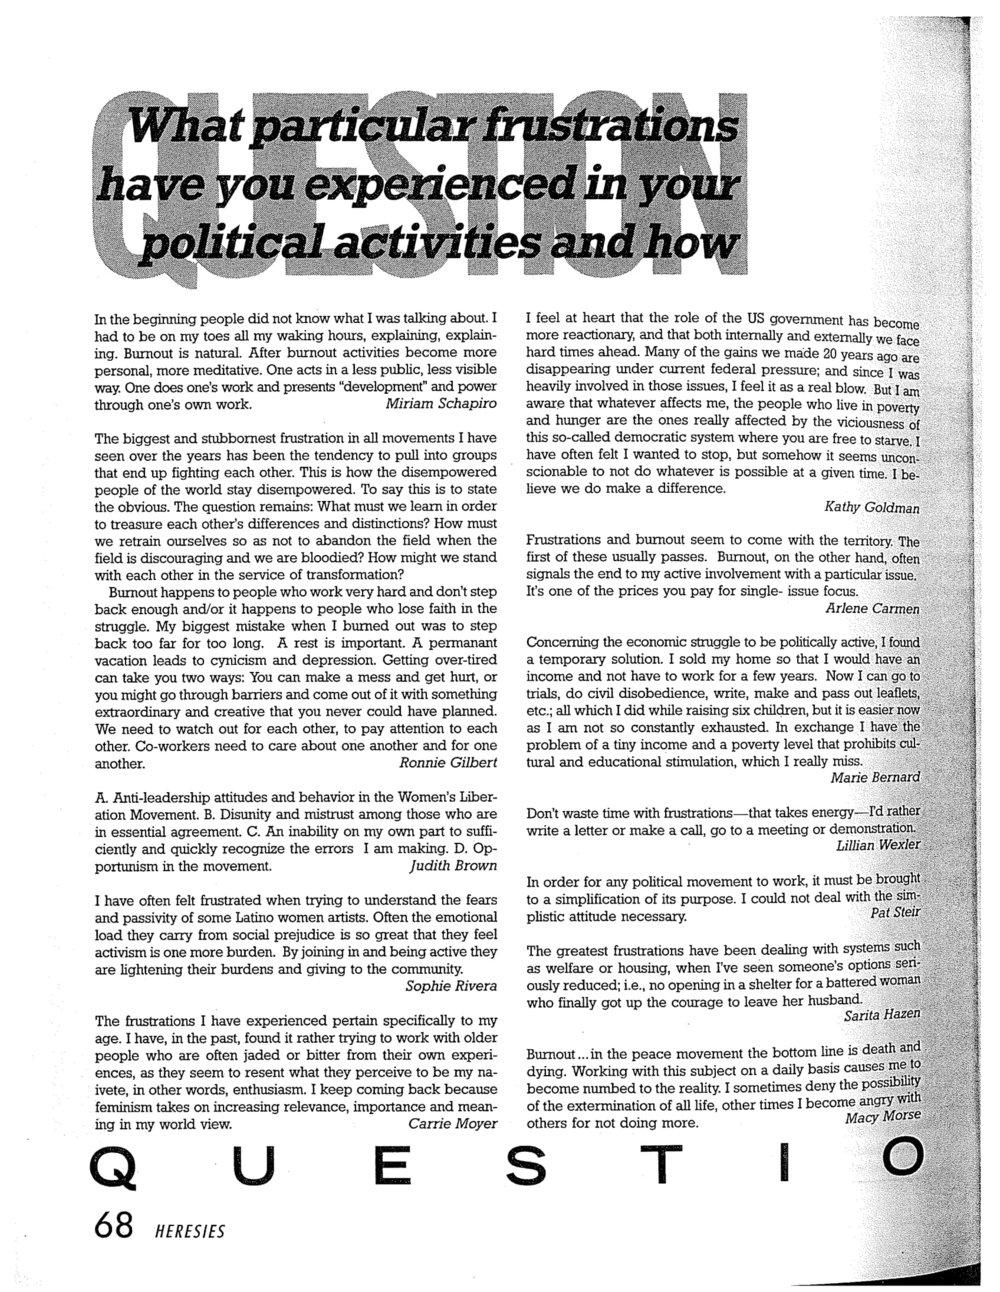 heresies20-70-71-1.jpg